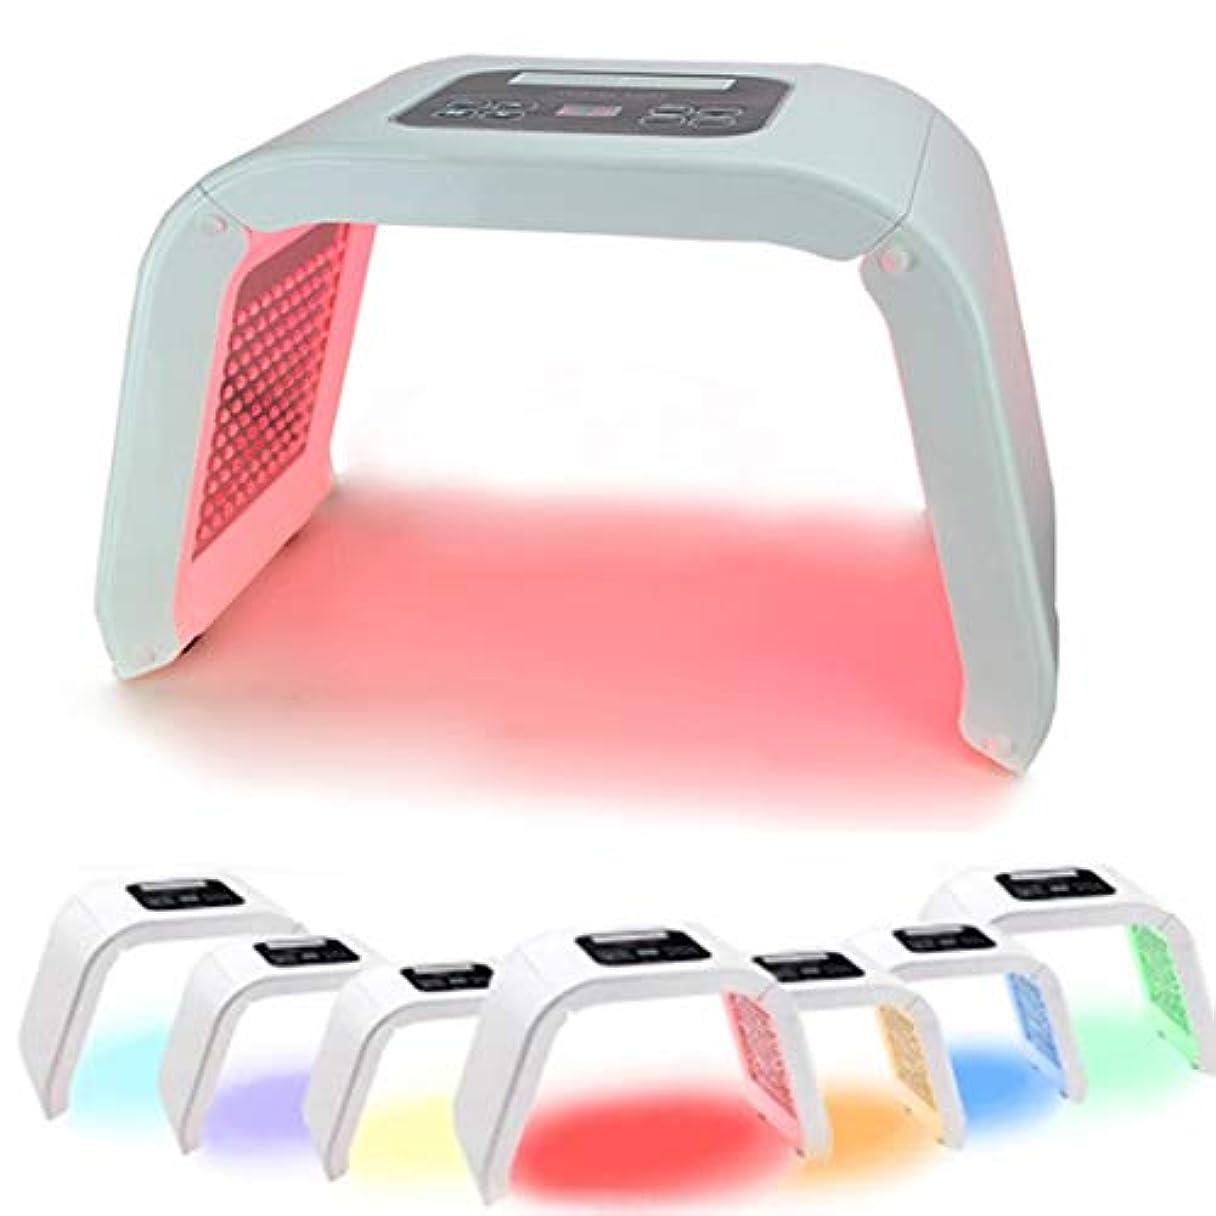 温室ハドル開発する7色がフェイスネックボディのための顔光子レッドライトセラピーアンチリンクルホワイトニングマシン光線力学をLED